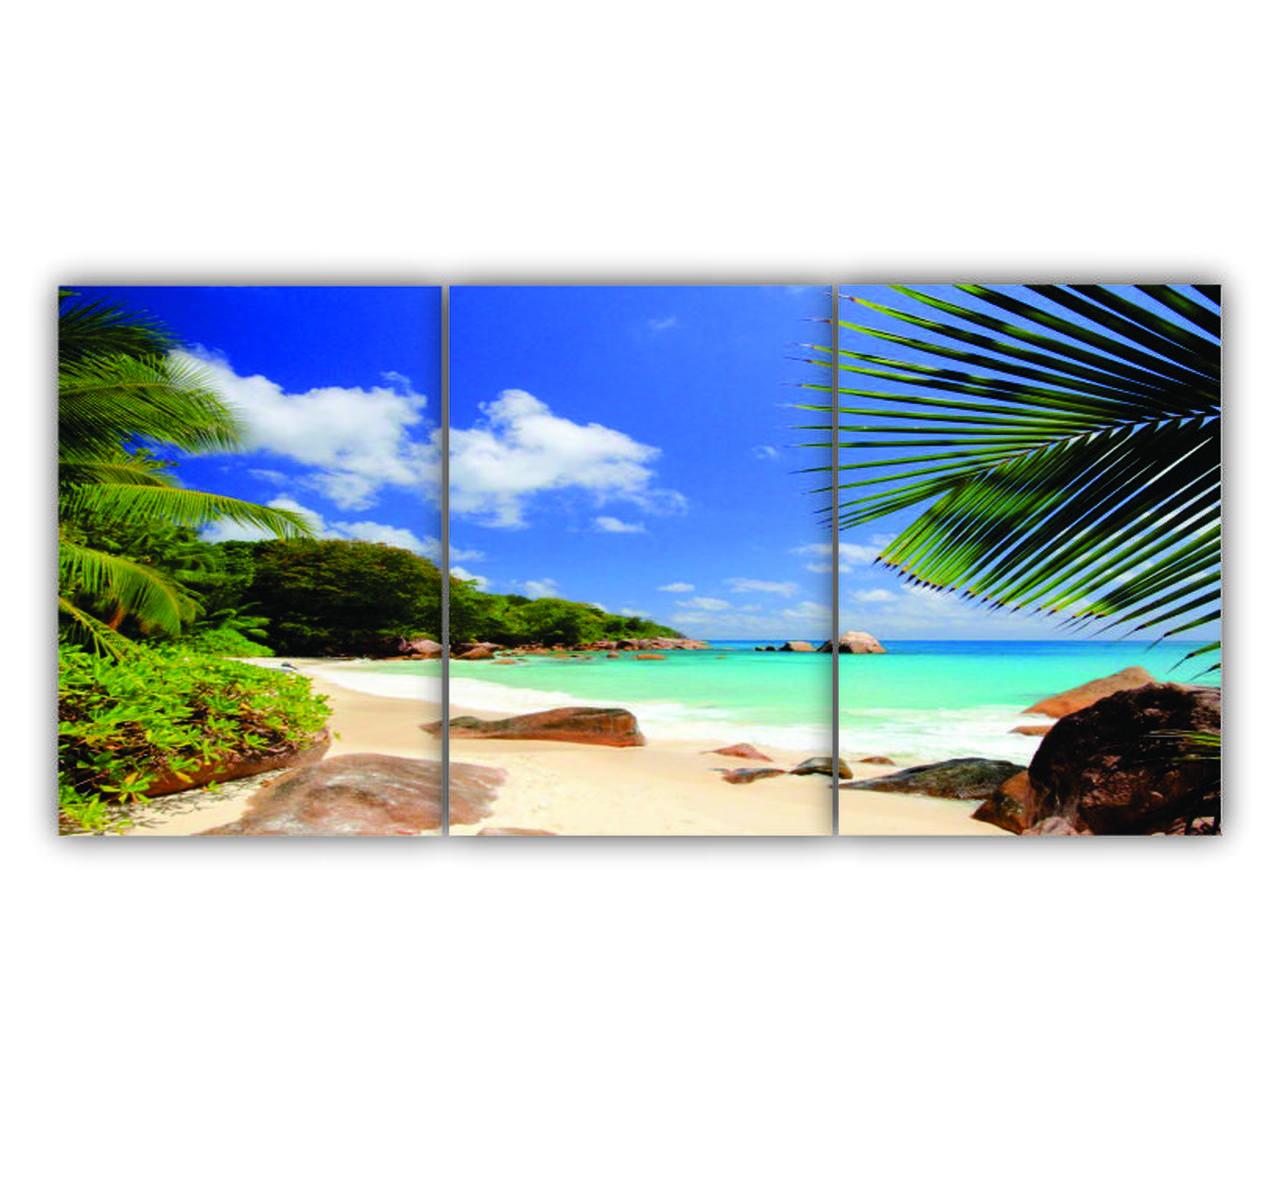 Quadro Praia Deserta Cores Tropicais - Kit 3 telas